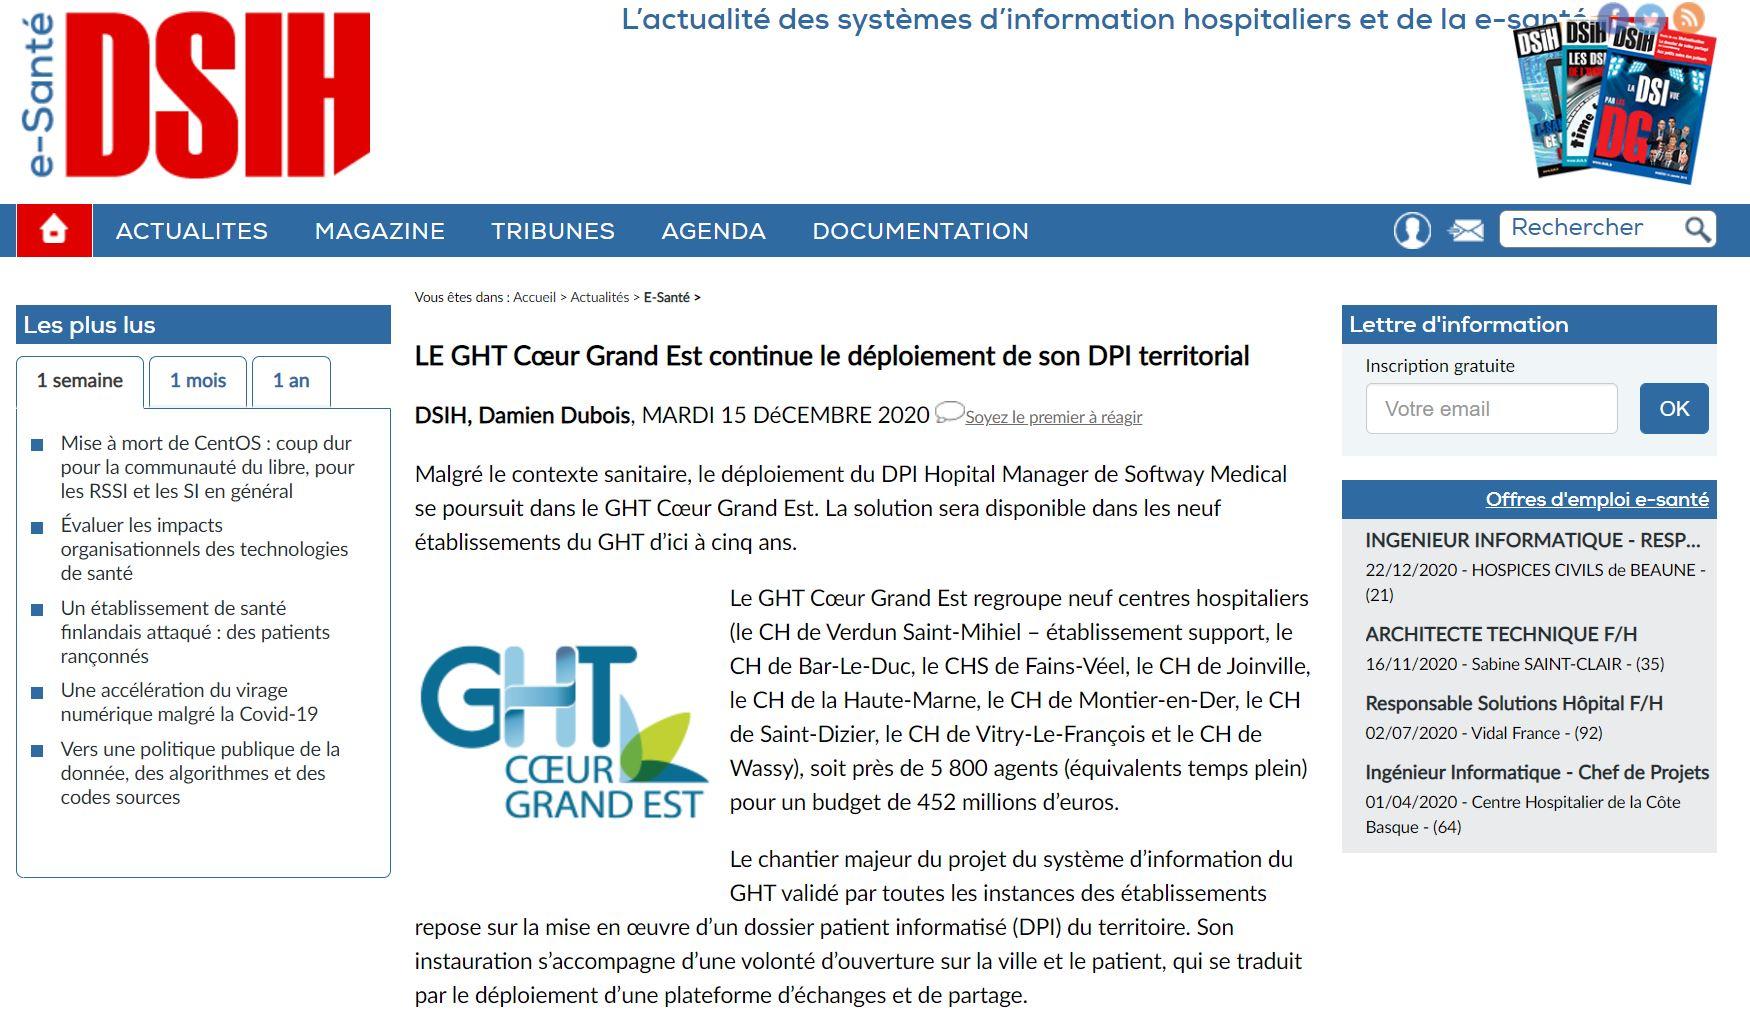 Le GHT Cœur Grand Est poursuit le déploiement de son DPI… DSIH et TecHopital en parlent !